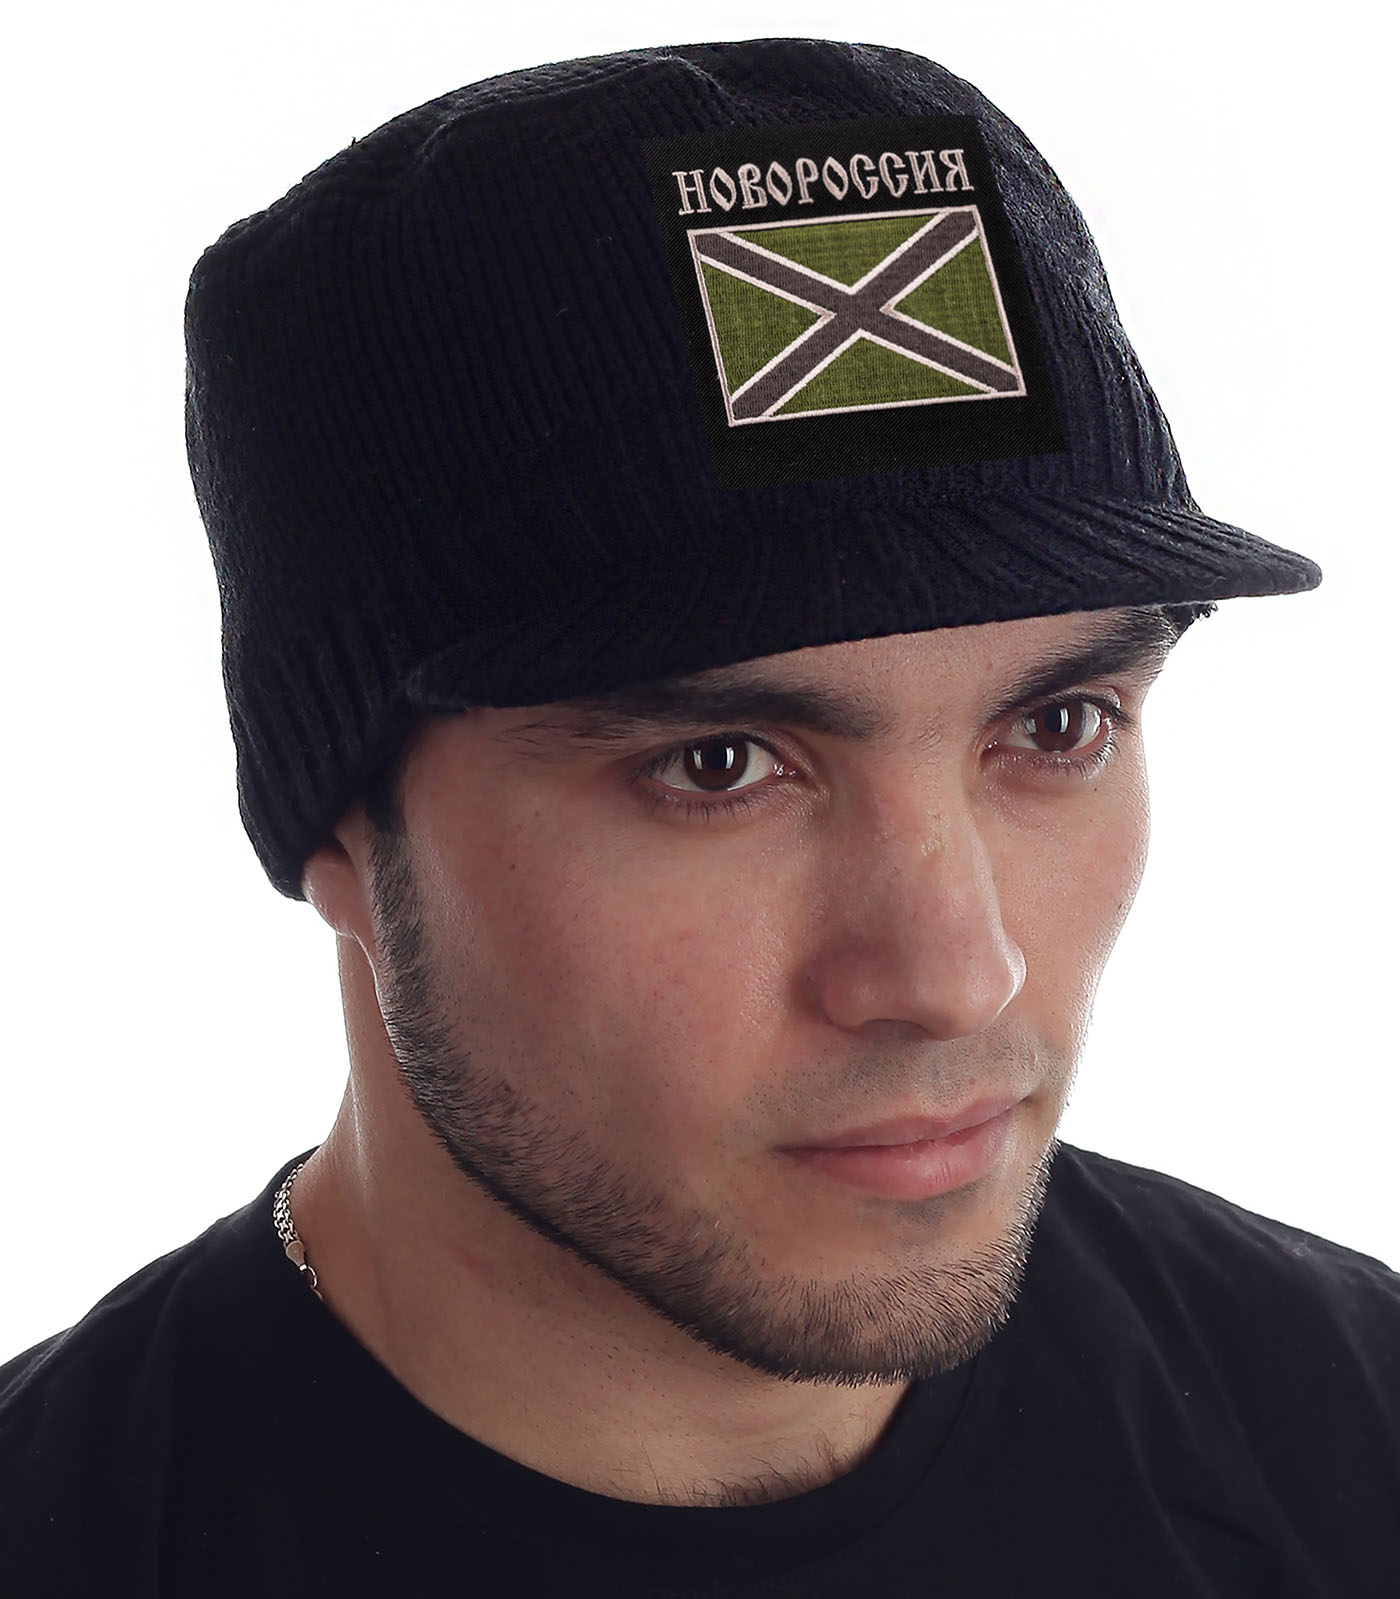 Купить стильную черную кепку от Miller Way с доставкой в любой город